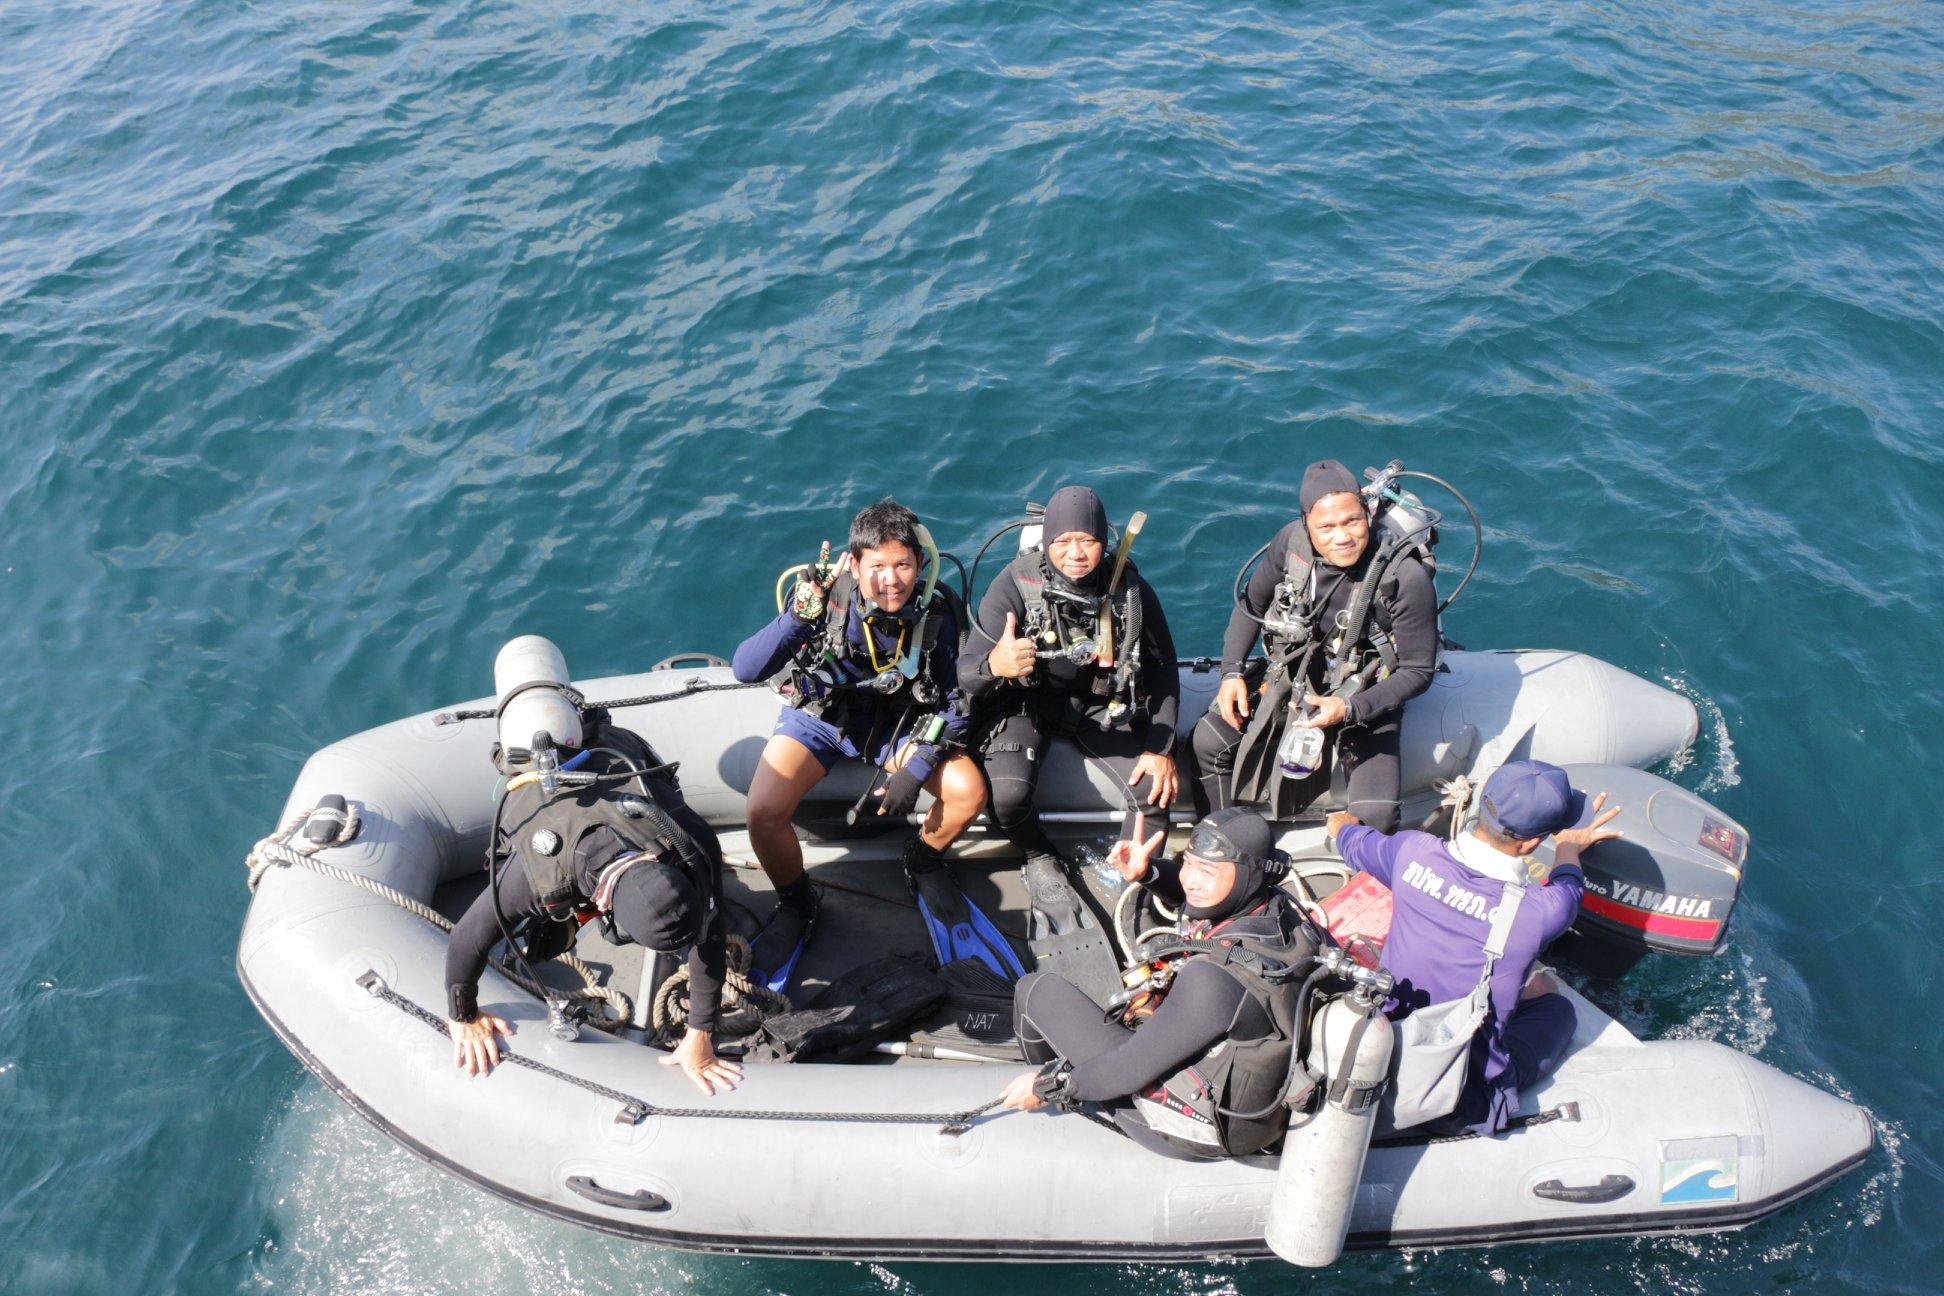 การสำรวจและเก็บกู้ปืนใหญ่บริเวณเกาะราชาน้อย จังหวัดภูเก็ต